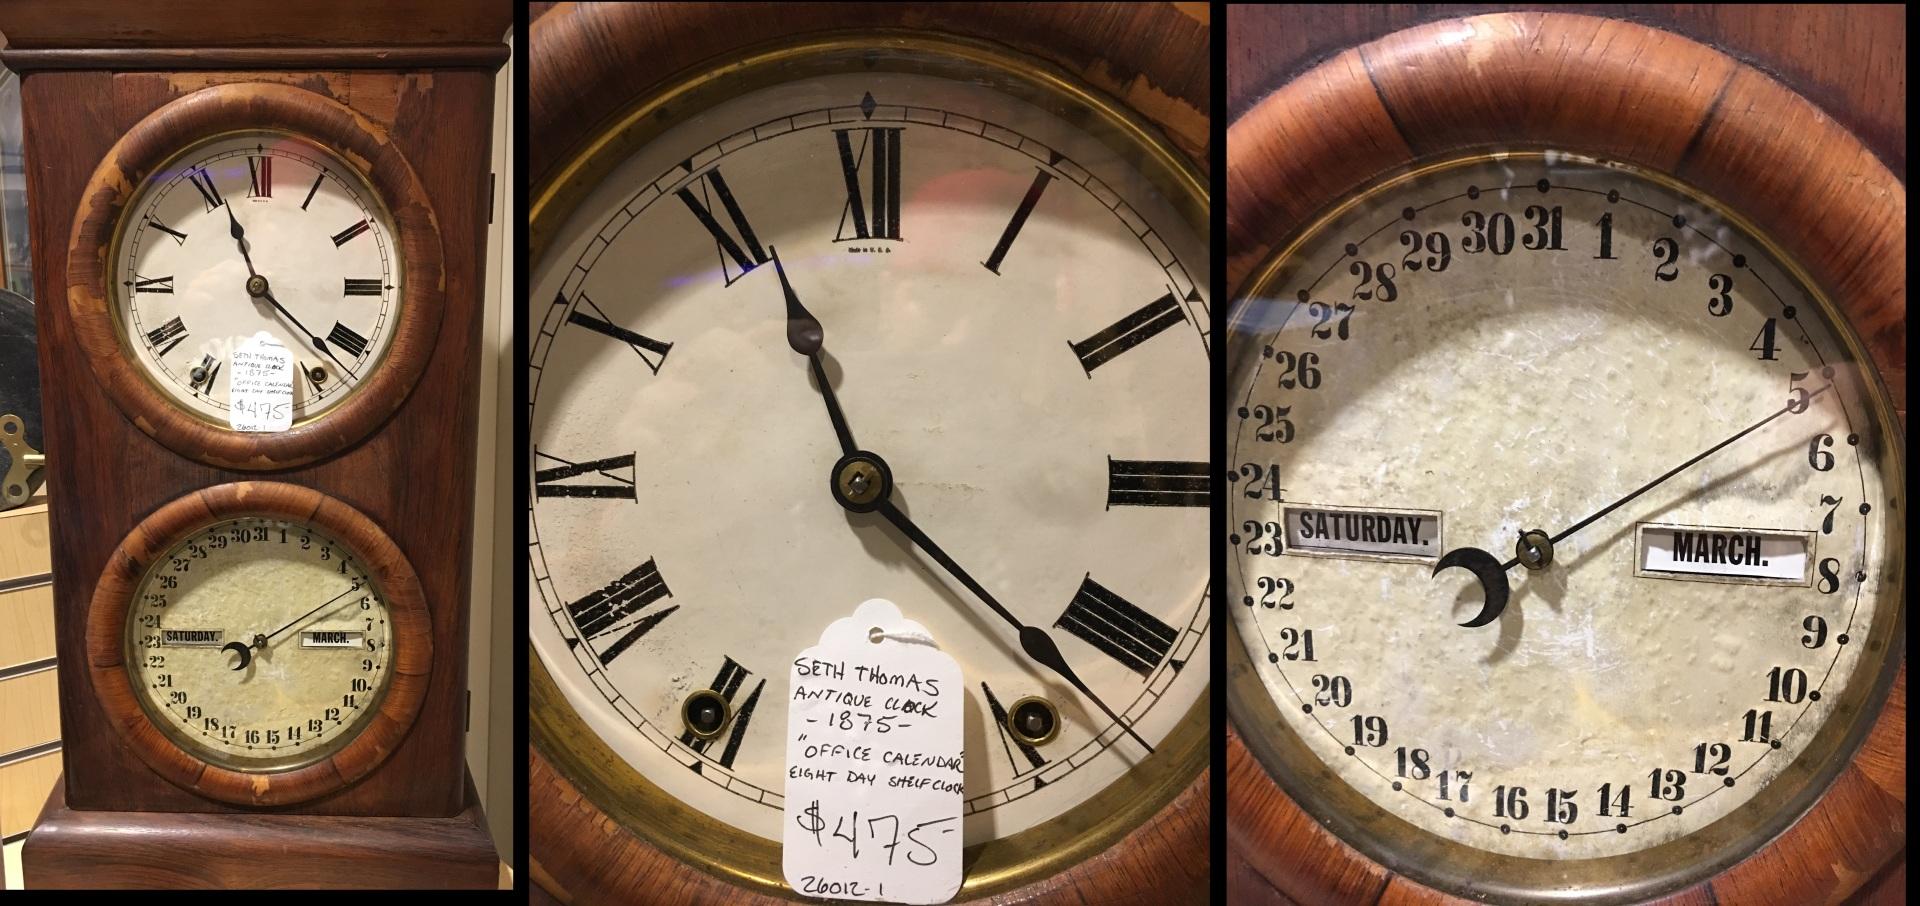 SETH THOMAS ANTIQUE CLOCK -1875-